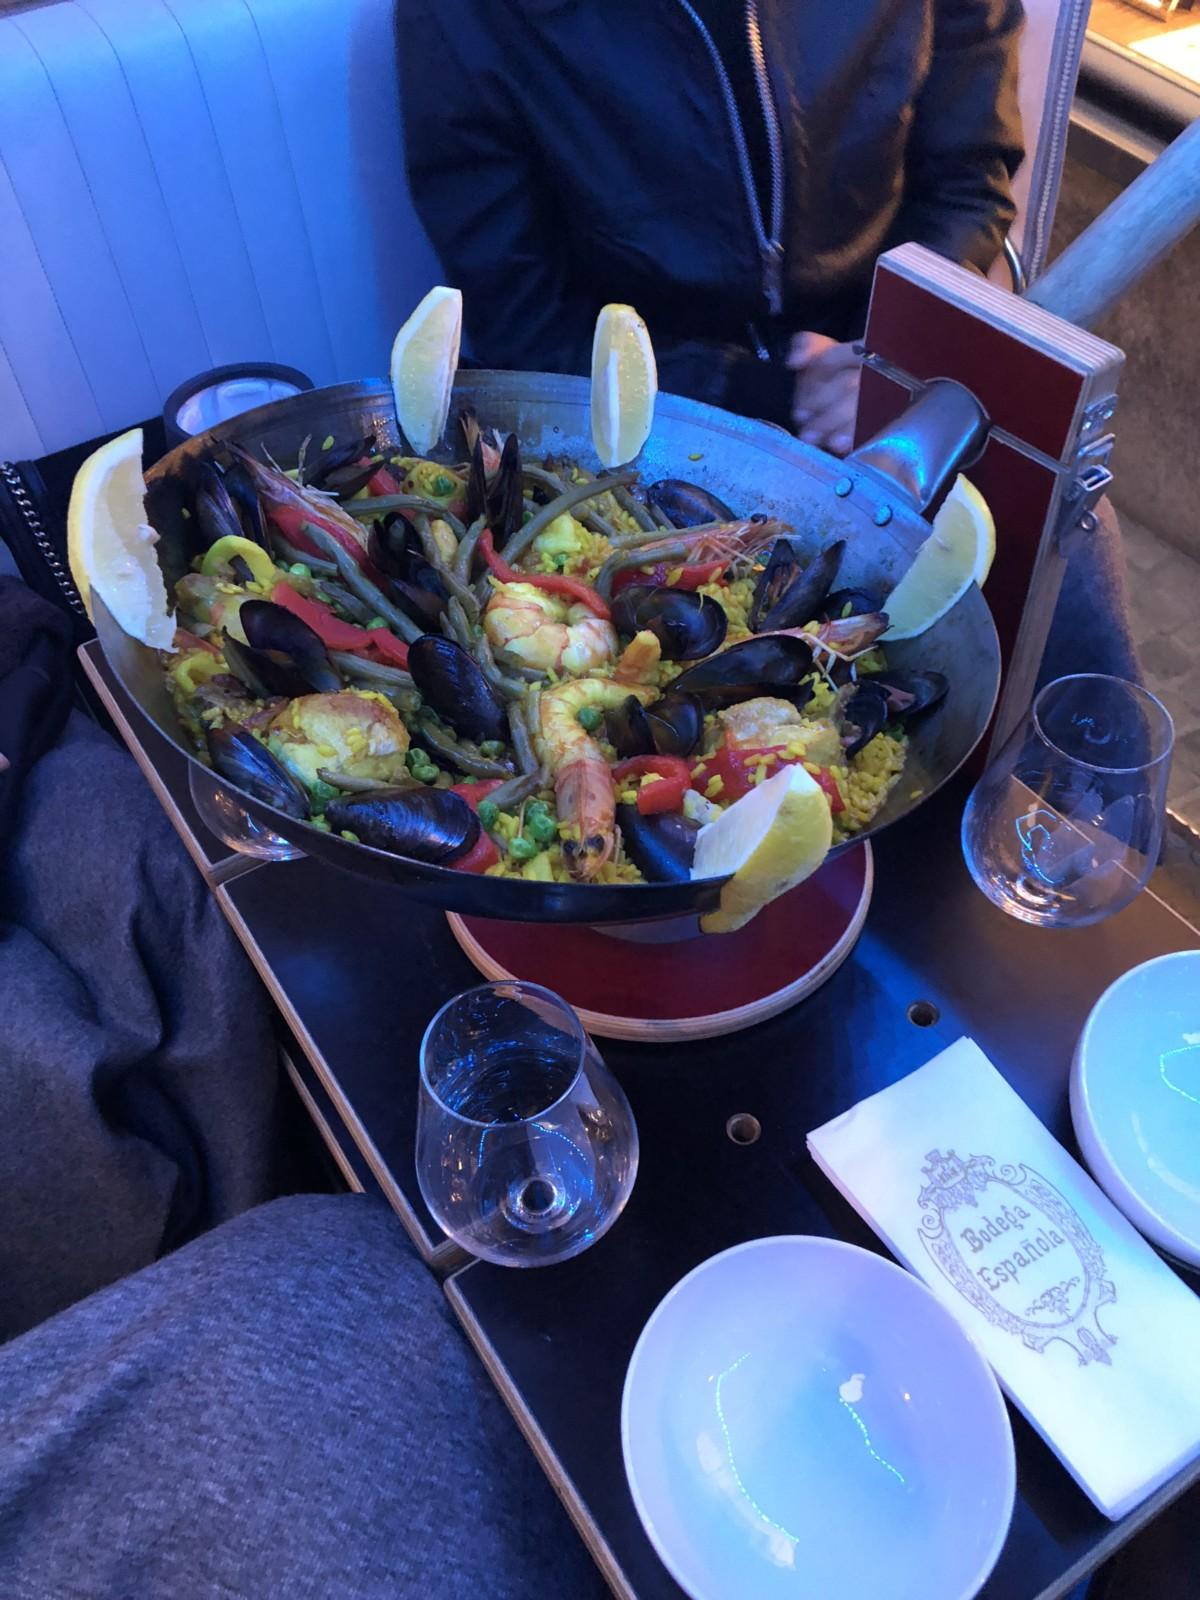 Die leckere Paella, frisch gekocht von der Bodega Espanola im Zürcher Niederdorf. Foto: Lunchgate/Dave